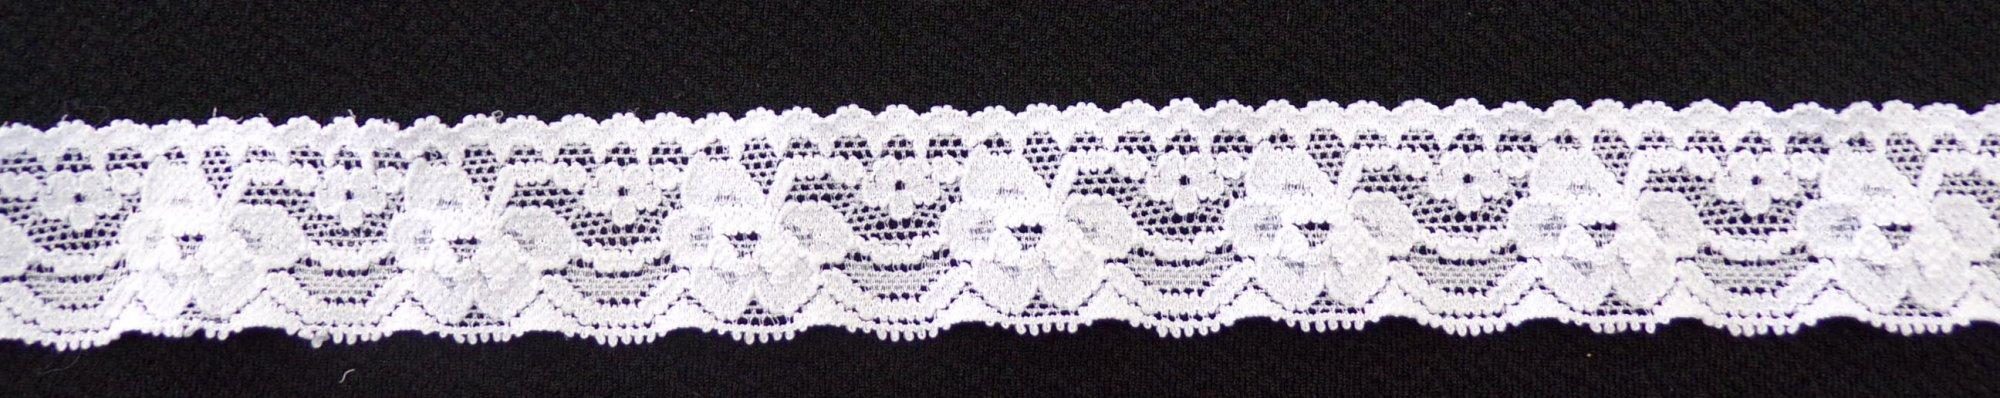 1in White stretch lace (SL320)